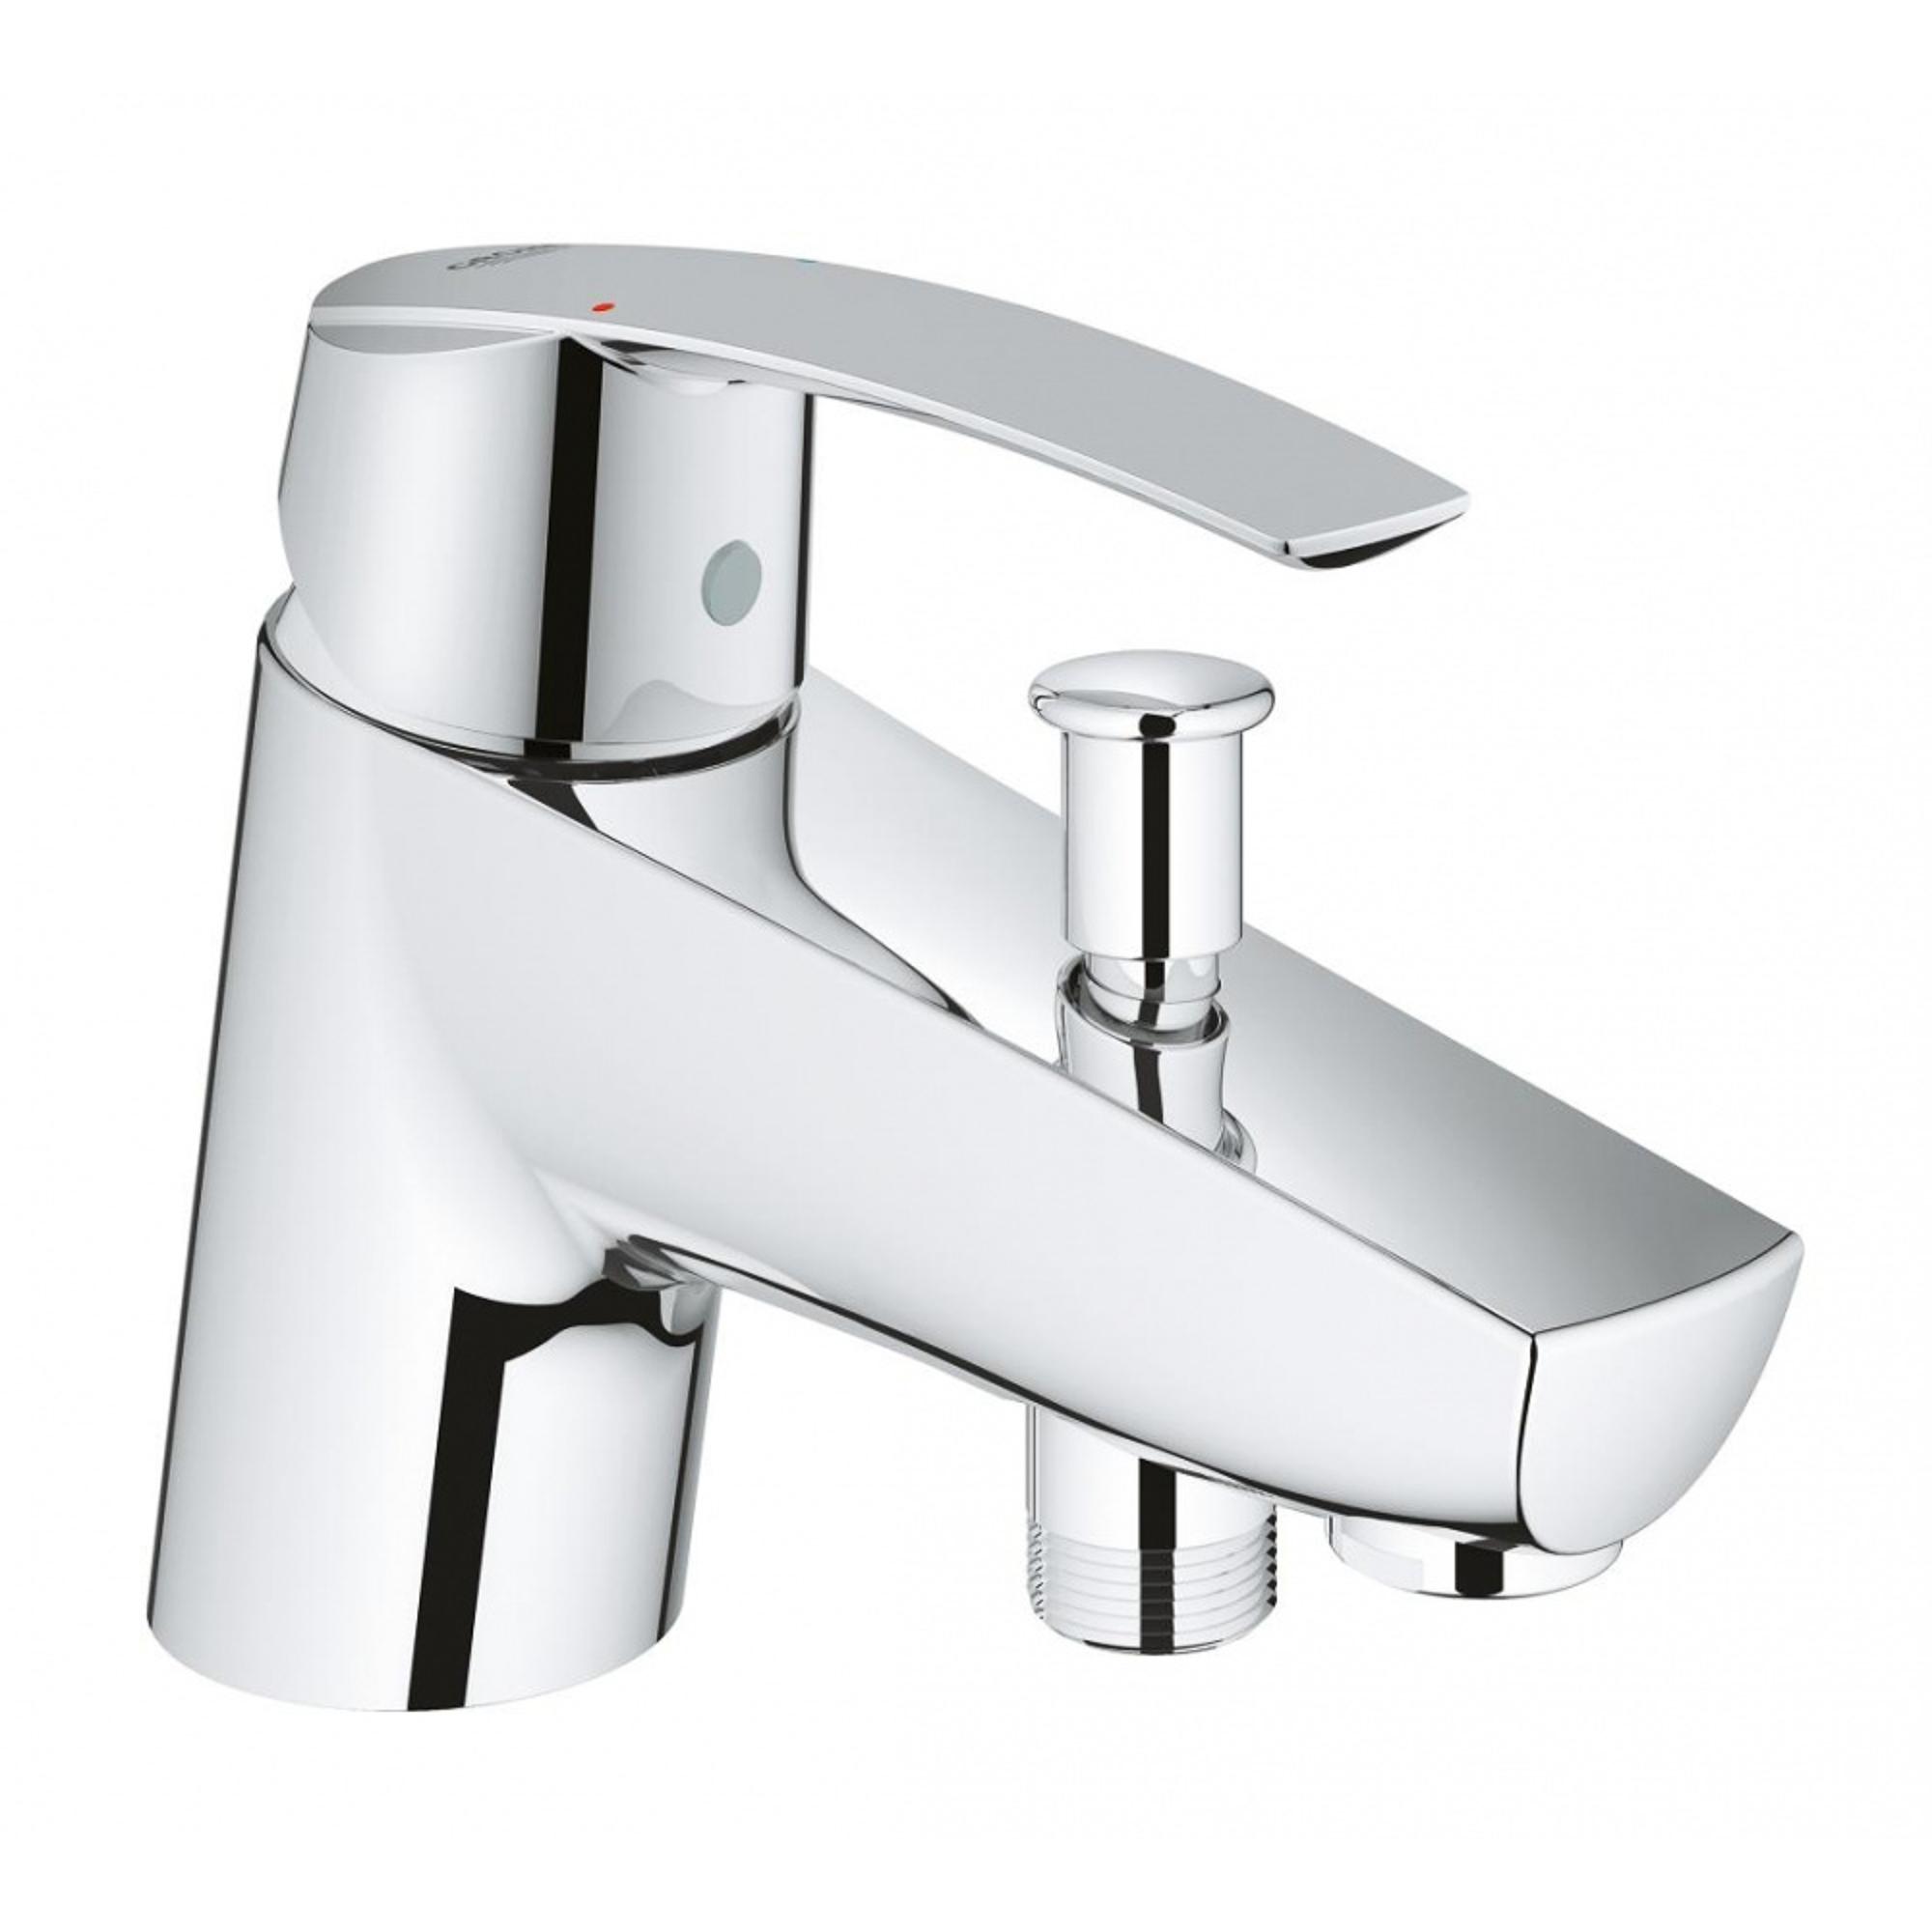 Купить Смеситель для ванны на бортик Grohe Start 23229001, Германия, металл